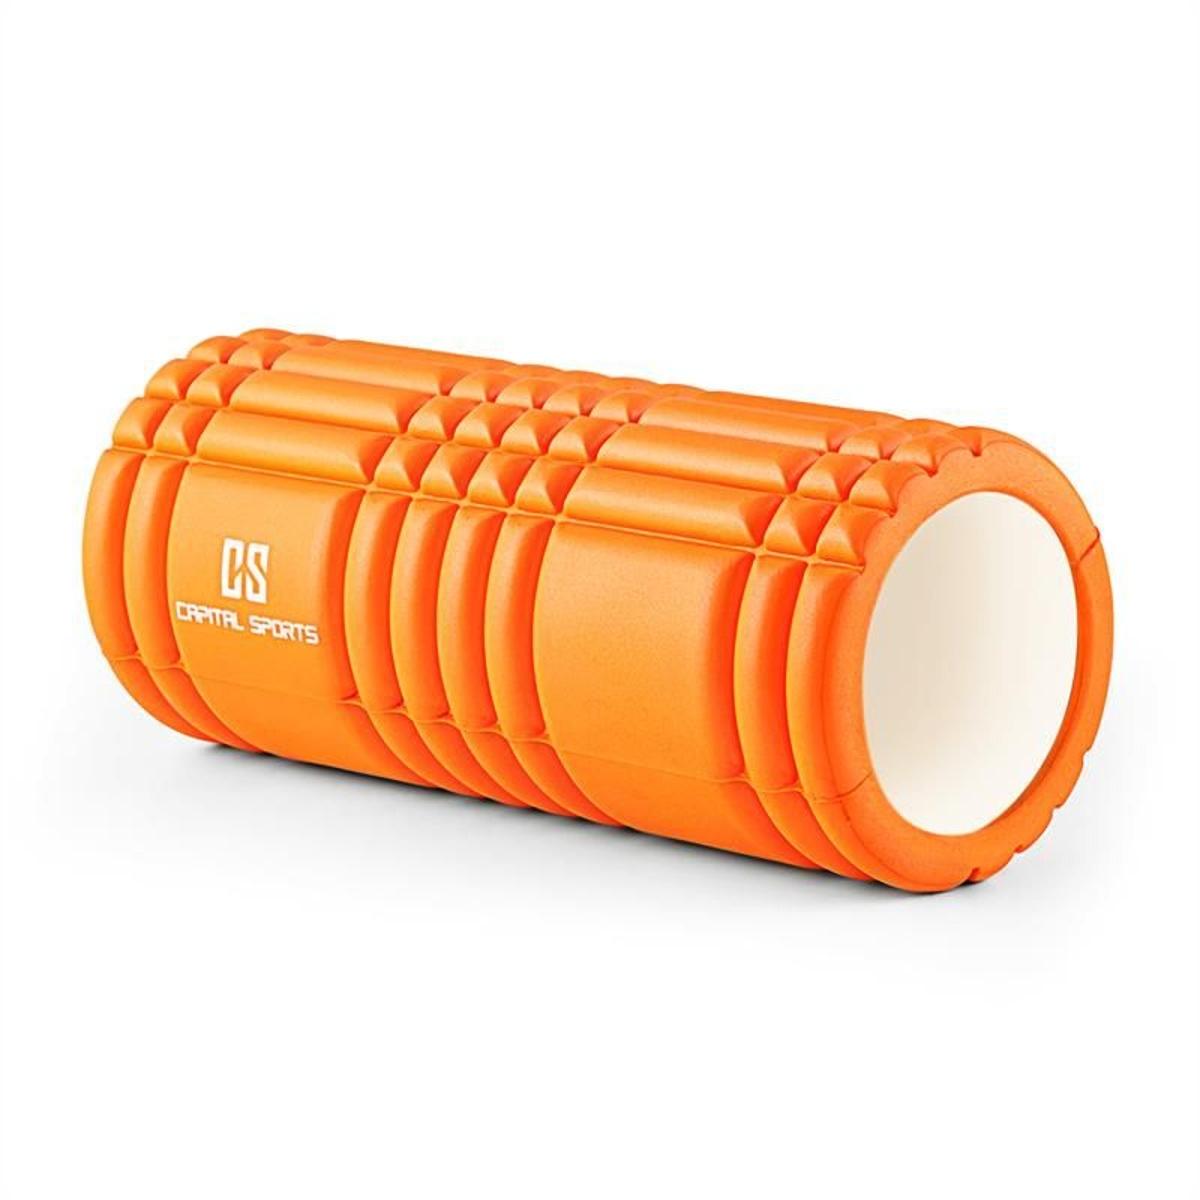 Caprole 1 Rouleau de massage 33 x 14 cm orange